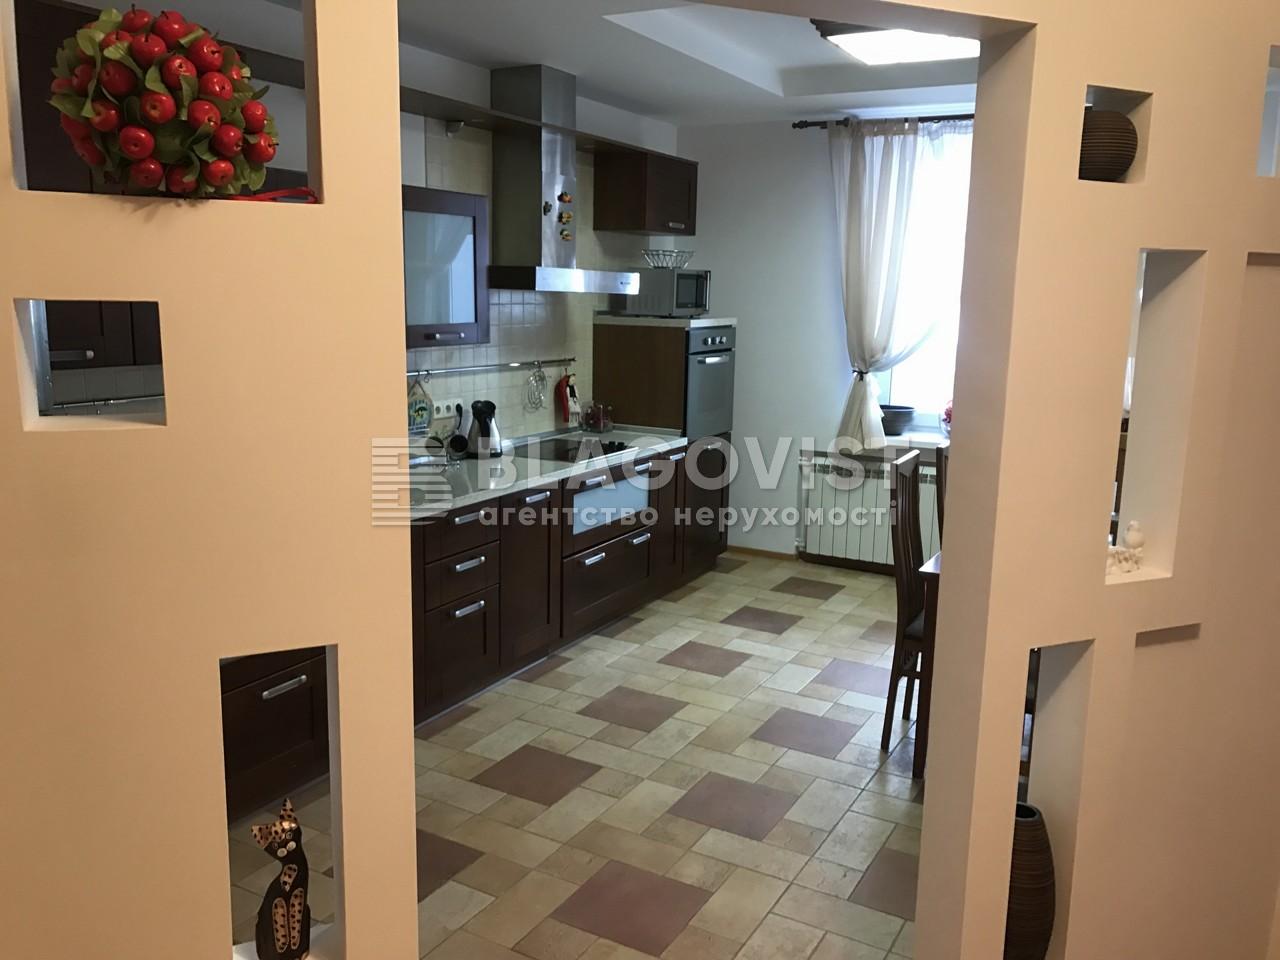 Квартира H-50015, Амосова Николая, 2, Киев - Фото 6